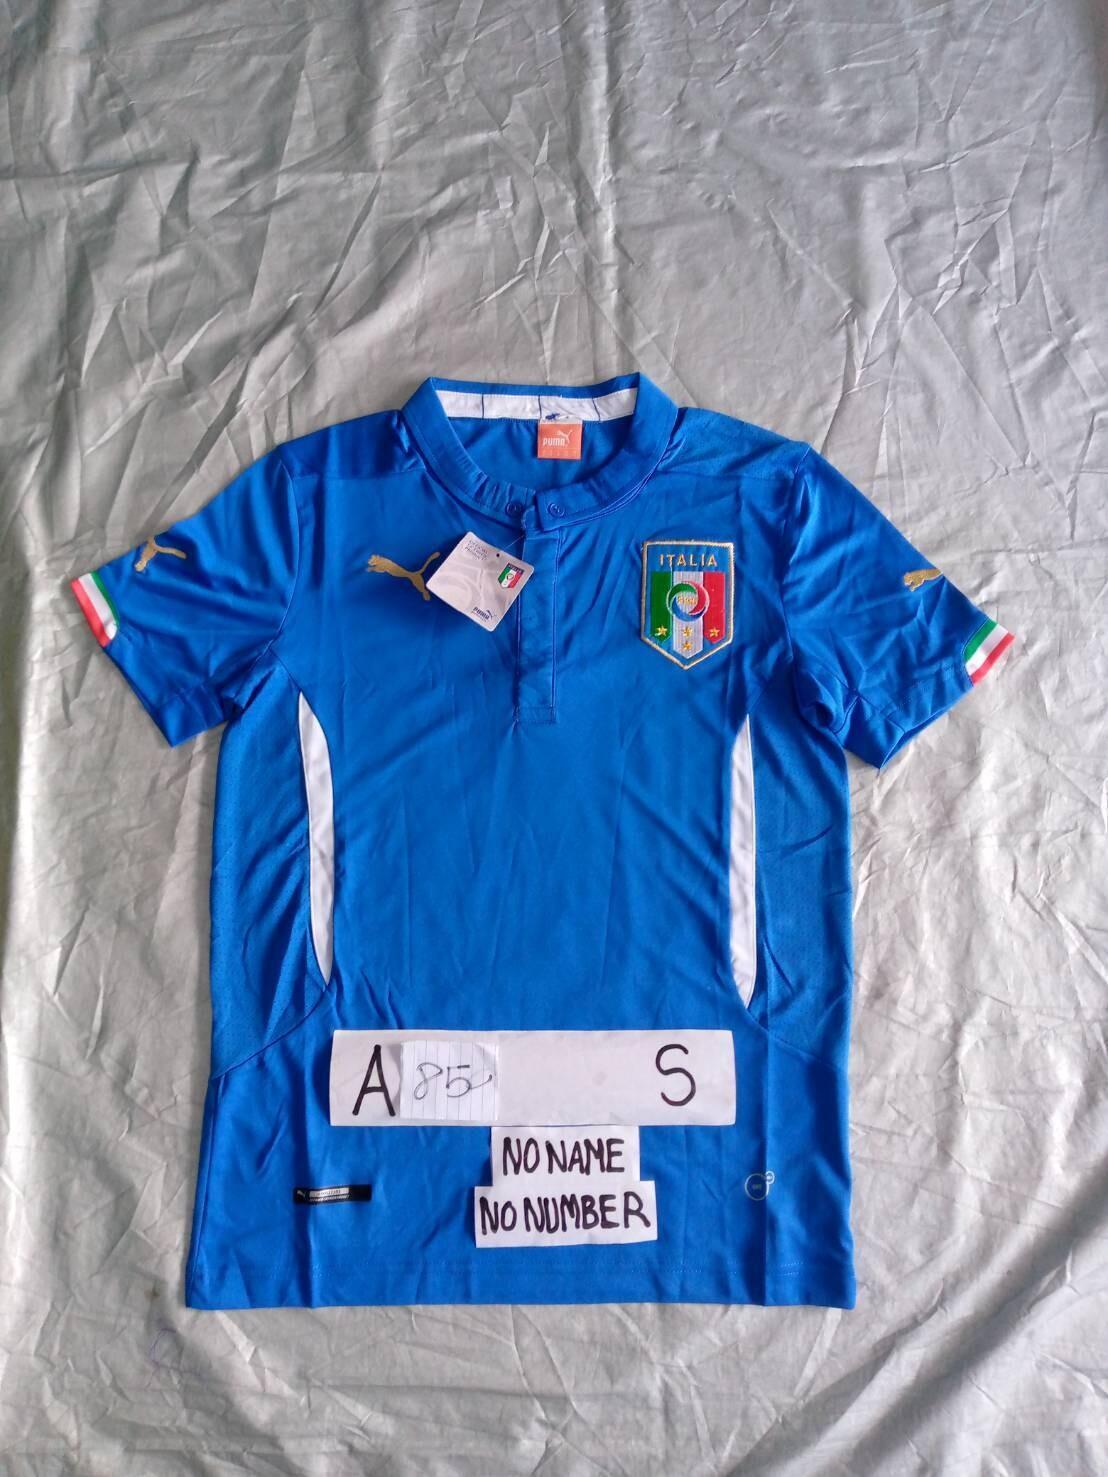 850 ITALIA ITALY MAGLIA CASA JERSEY HOME TAGLIA S SIZE S